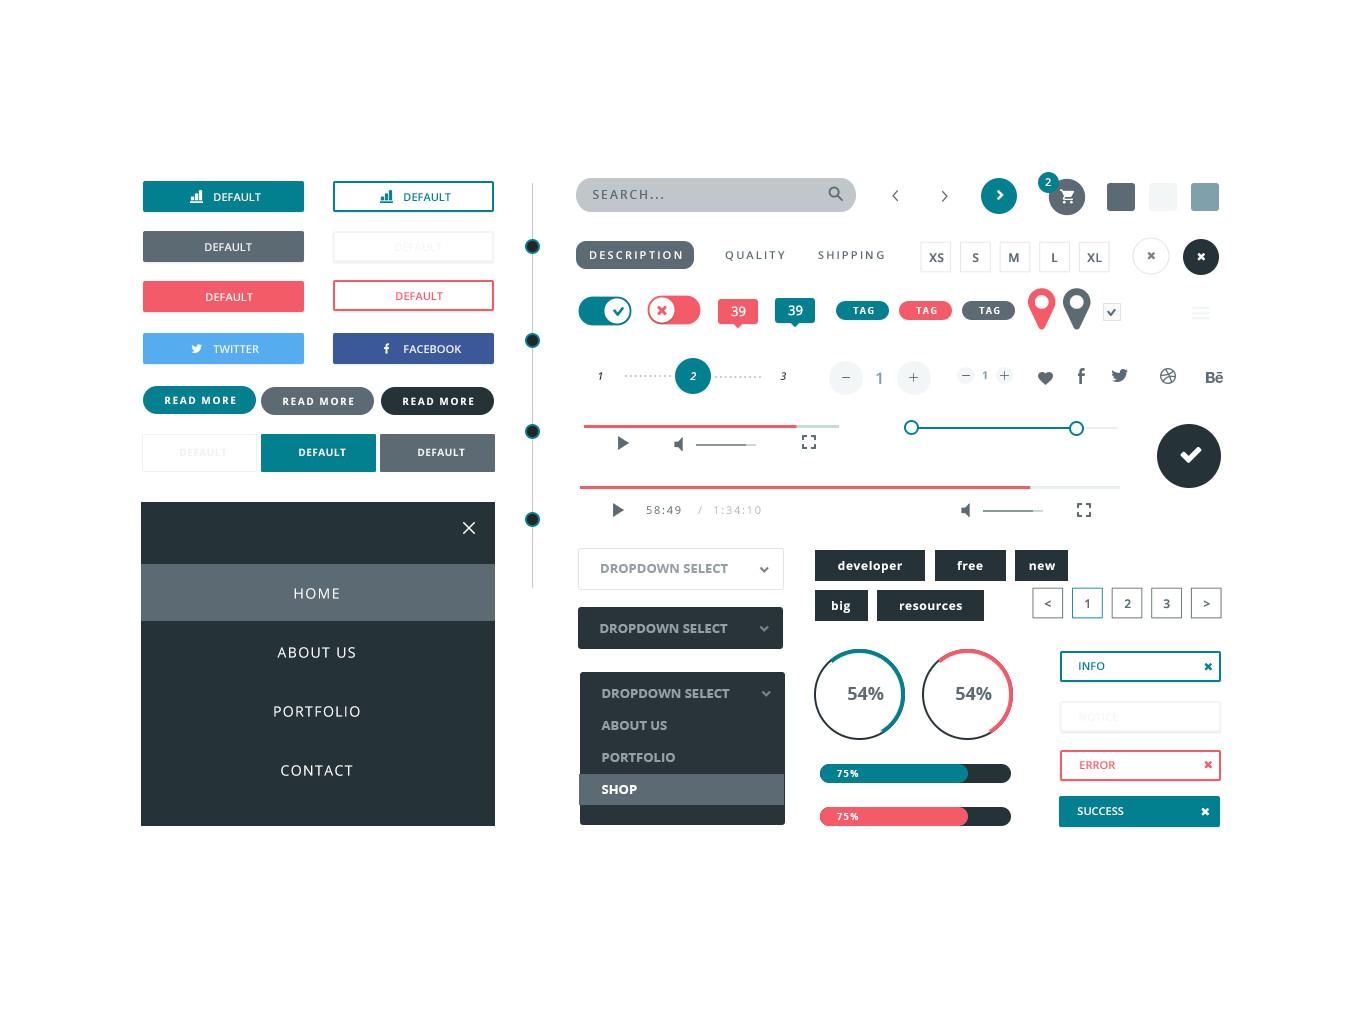 多功能商城博客WEB网站UI界面设计套件 Classe UI Kit插图(4)